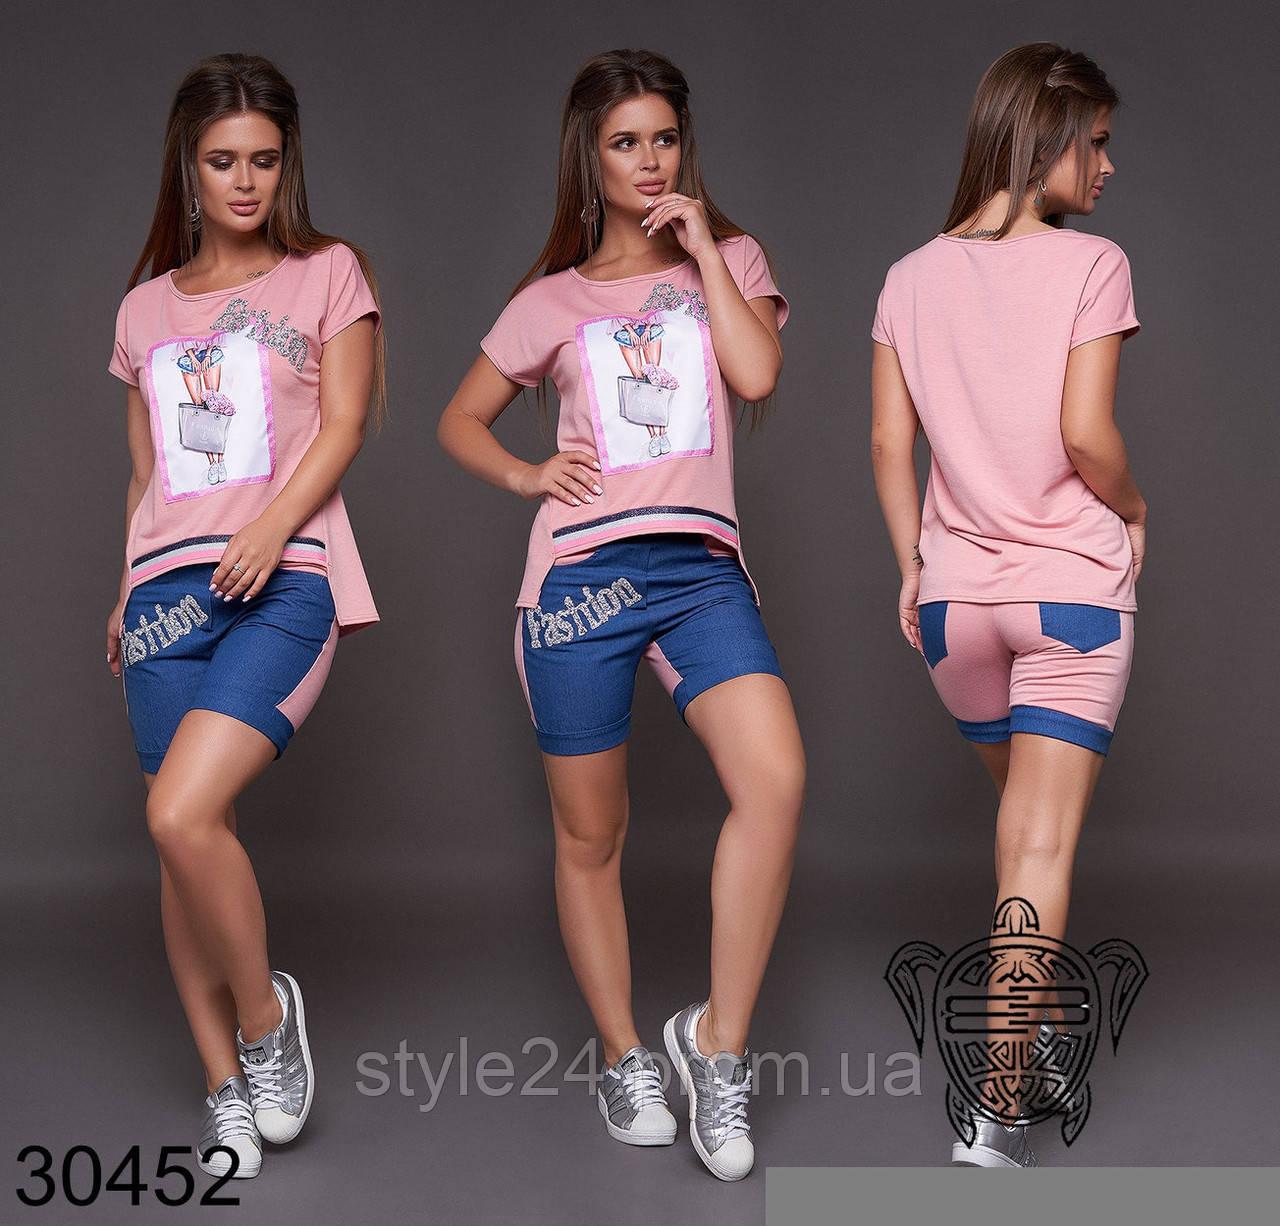 Жіночий літній костюм:футболка і шорти , 9 кольорів .Р-ри 42-46